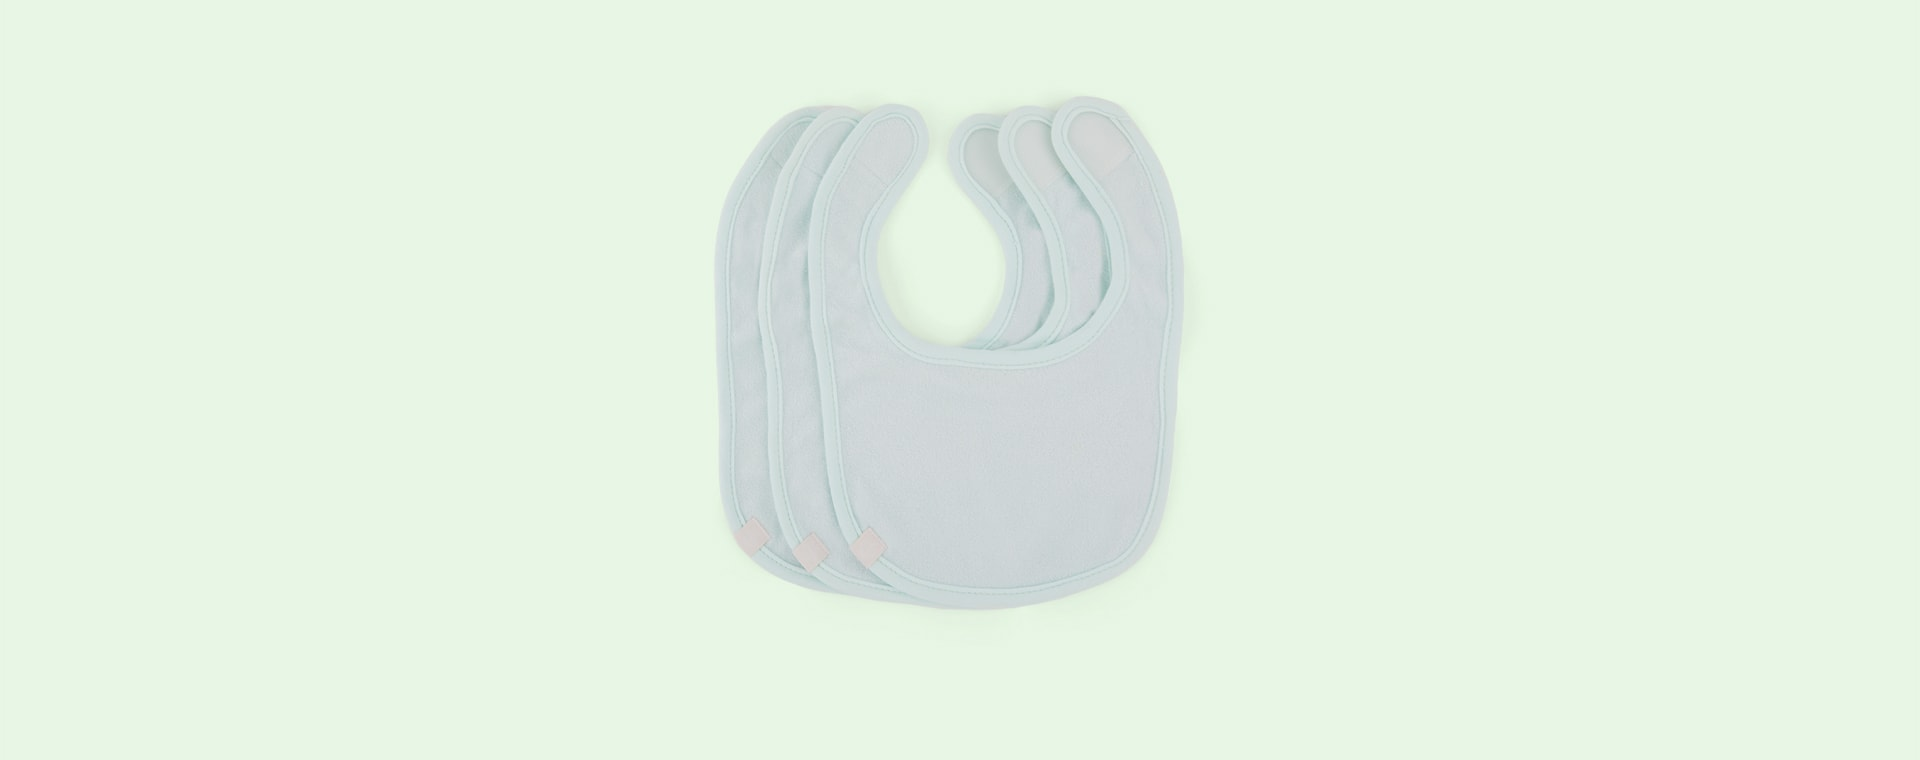 Mint Lassig Newborn Bib 3-pack